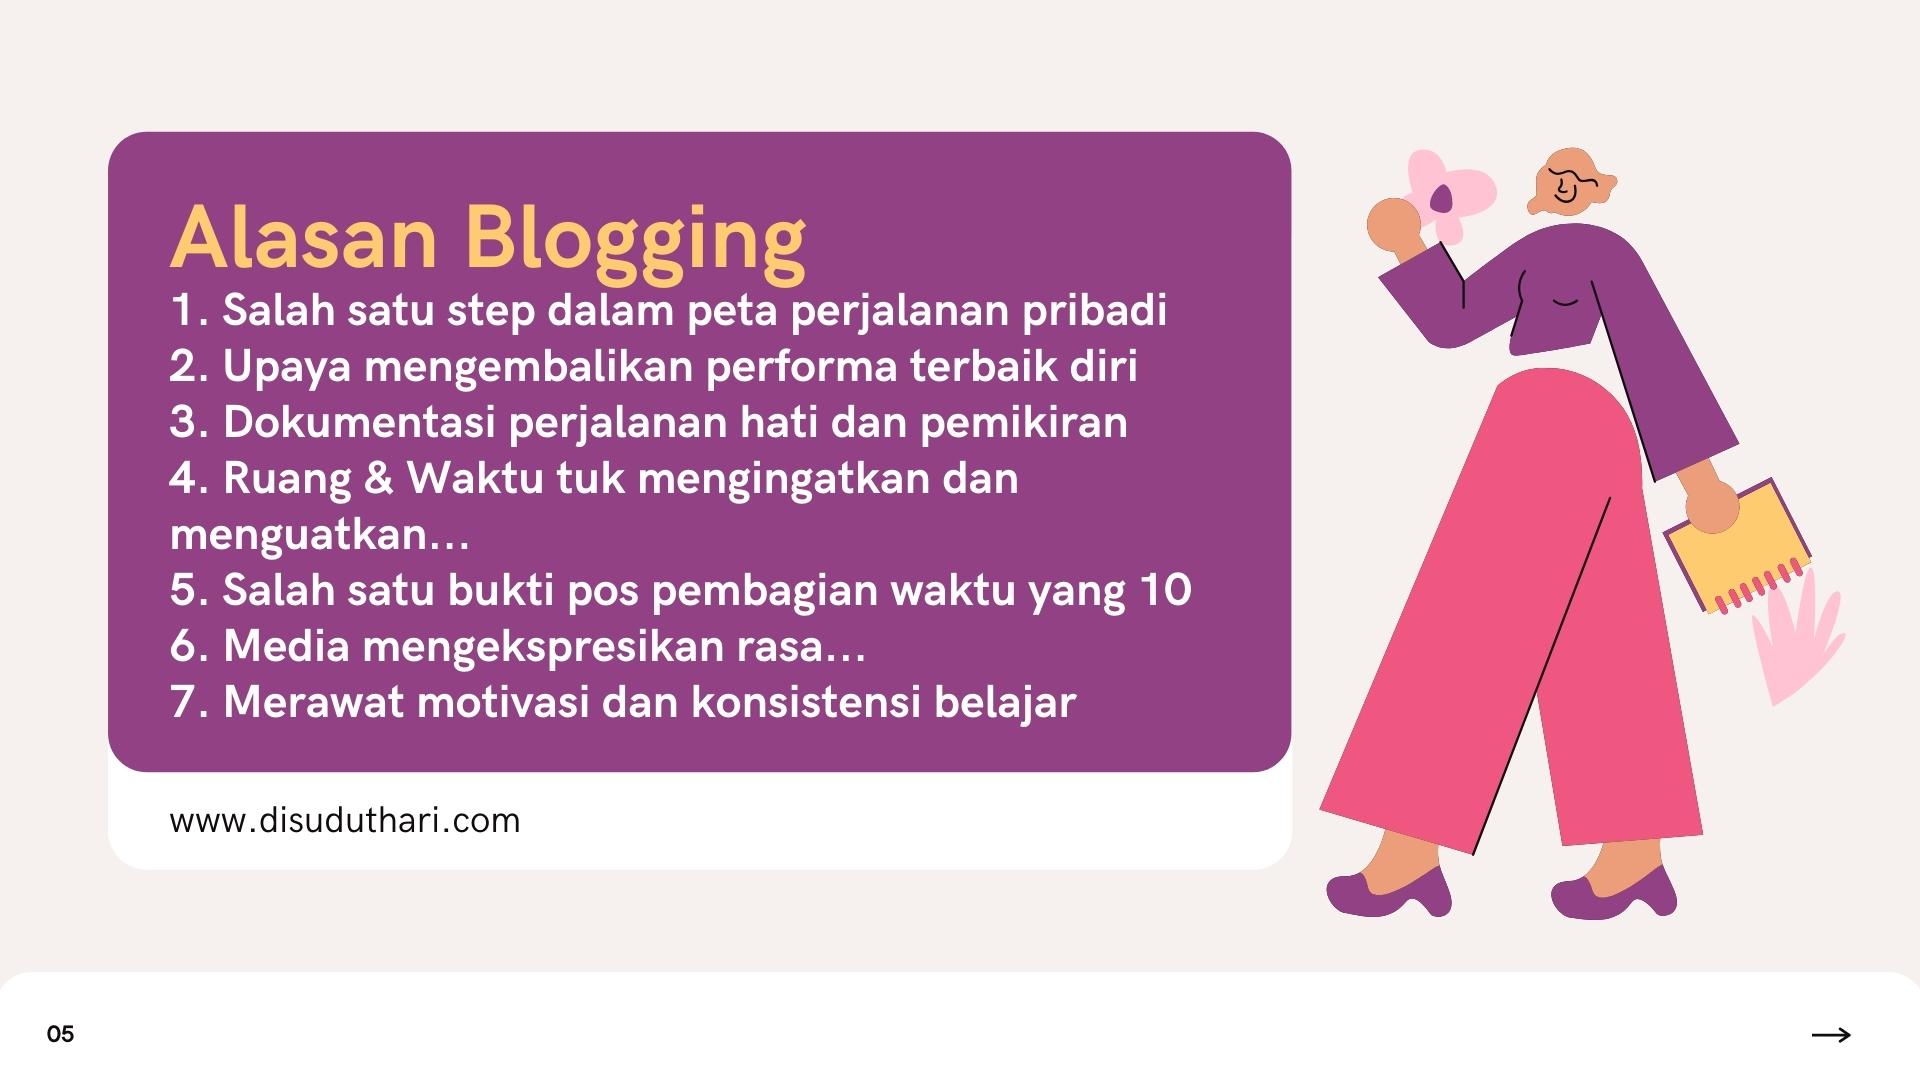 7 Alasan Blogging